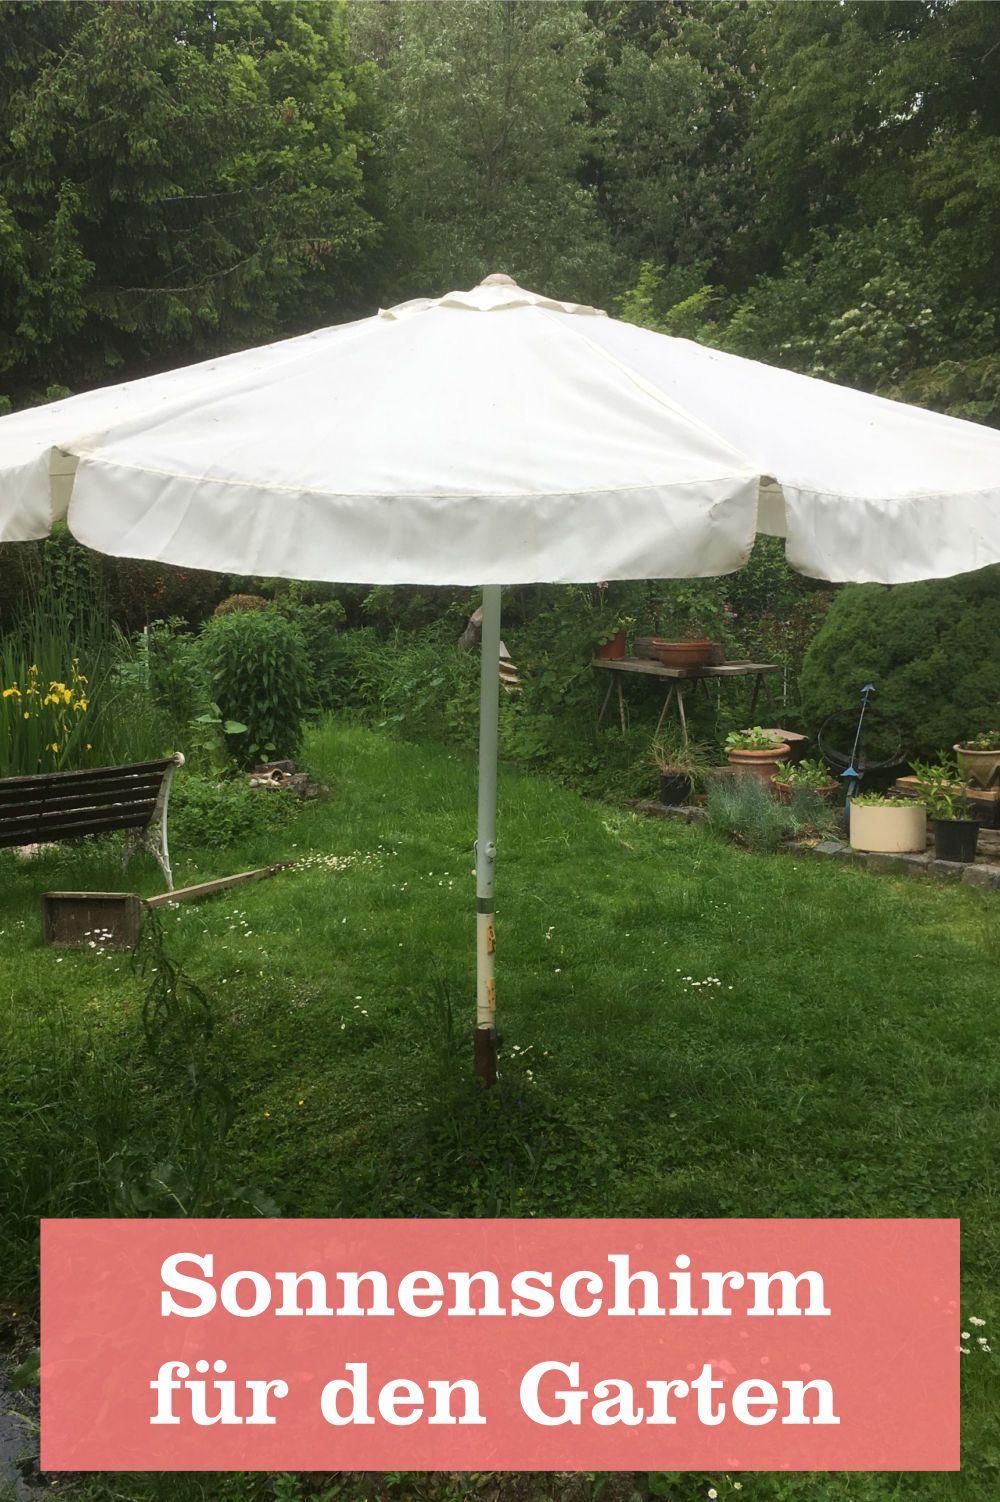 Werbung Ein Sonnenschirm Fur Den Garten Gartenbob De Der Garten Ratgeber Sonnenschirm Garten Schirm